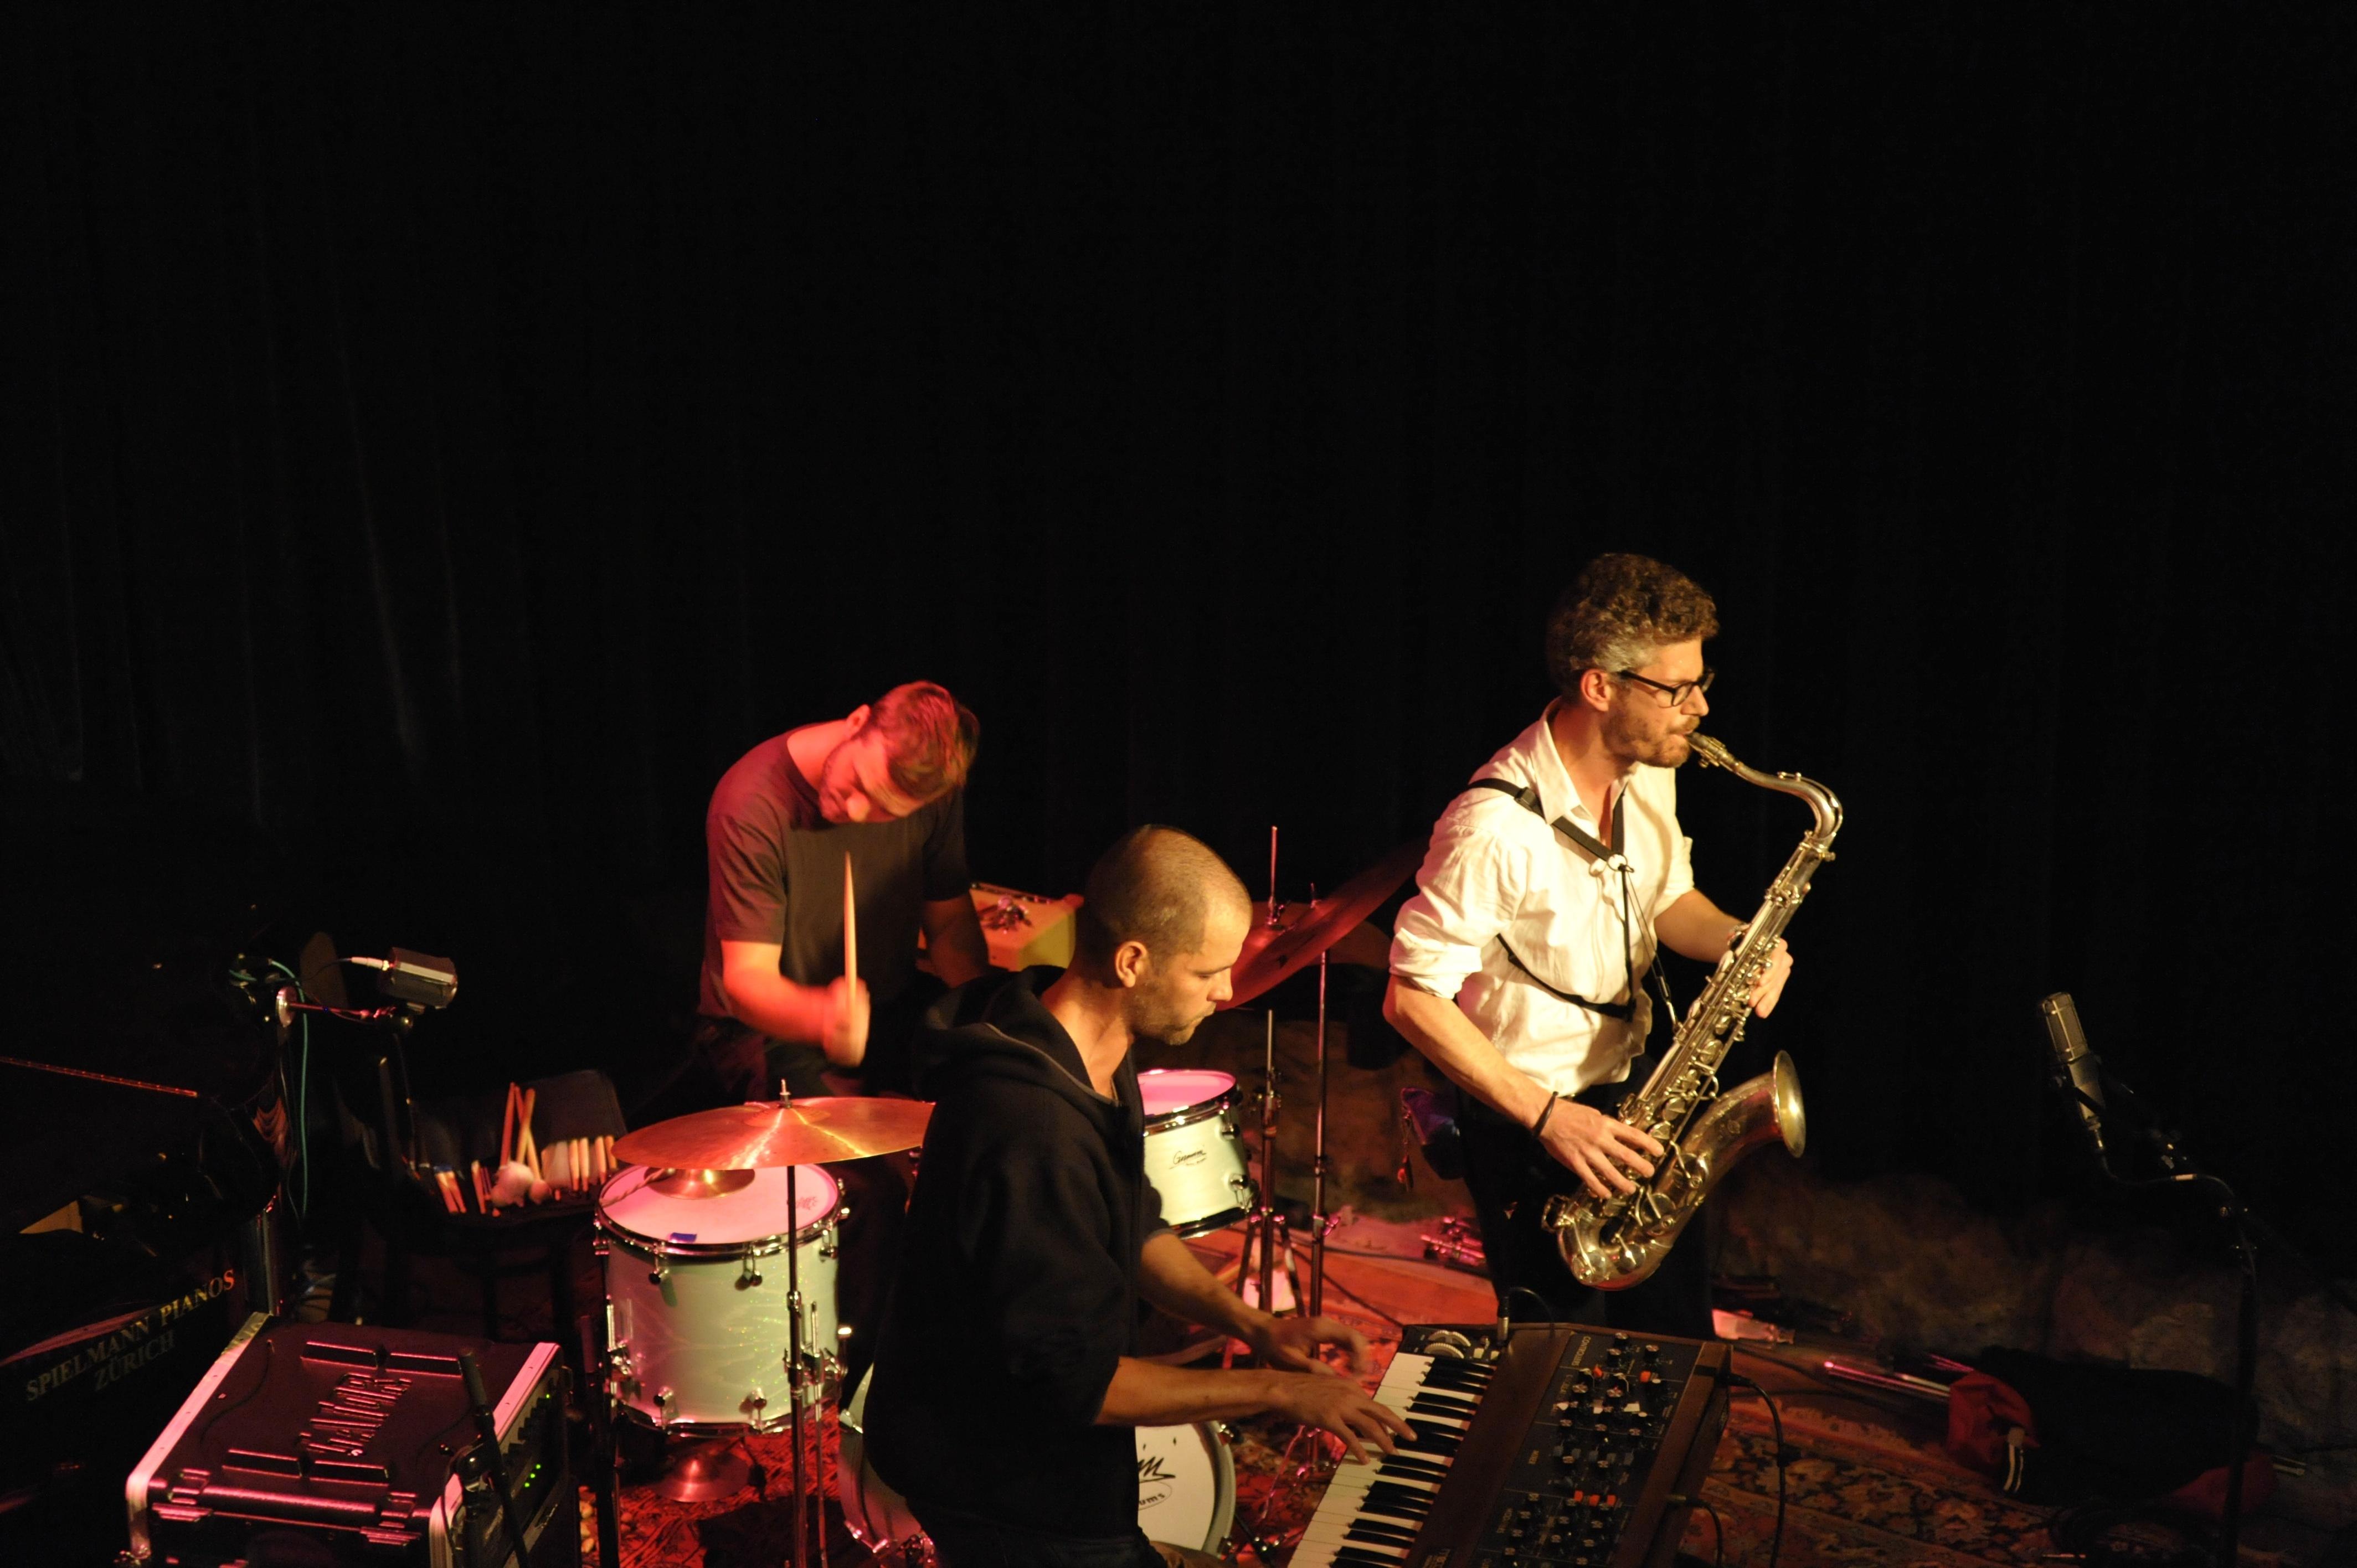 Saxophon spielen / Foto Palma Fiacco